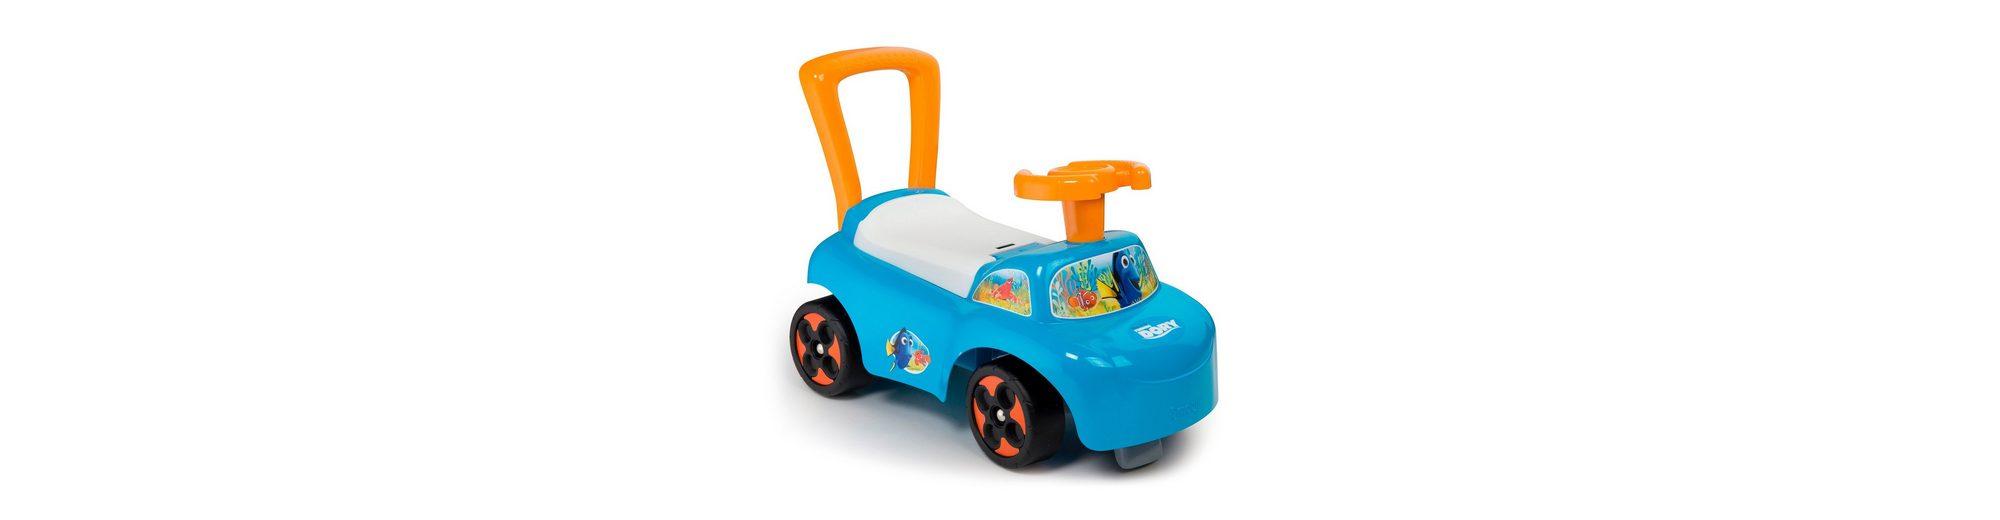 SMOBY Rutscher Mein erstes Auto